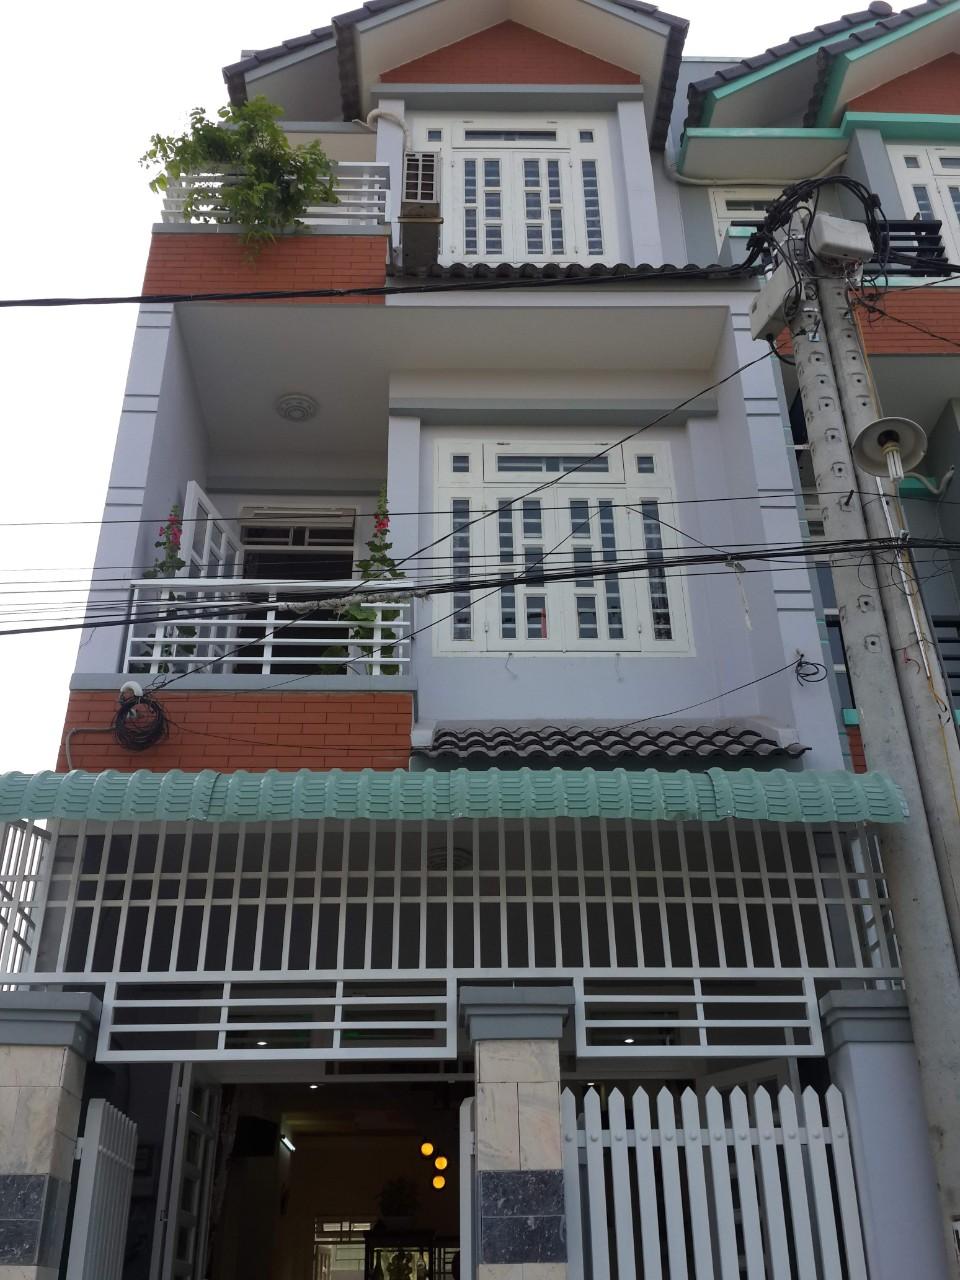 Nhà phố liền kề. 1 Trệt. 2 Lầu. Ngay UBND Phường Thạnh Xuân.Q.12 HCM